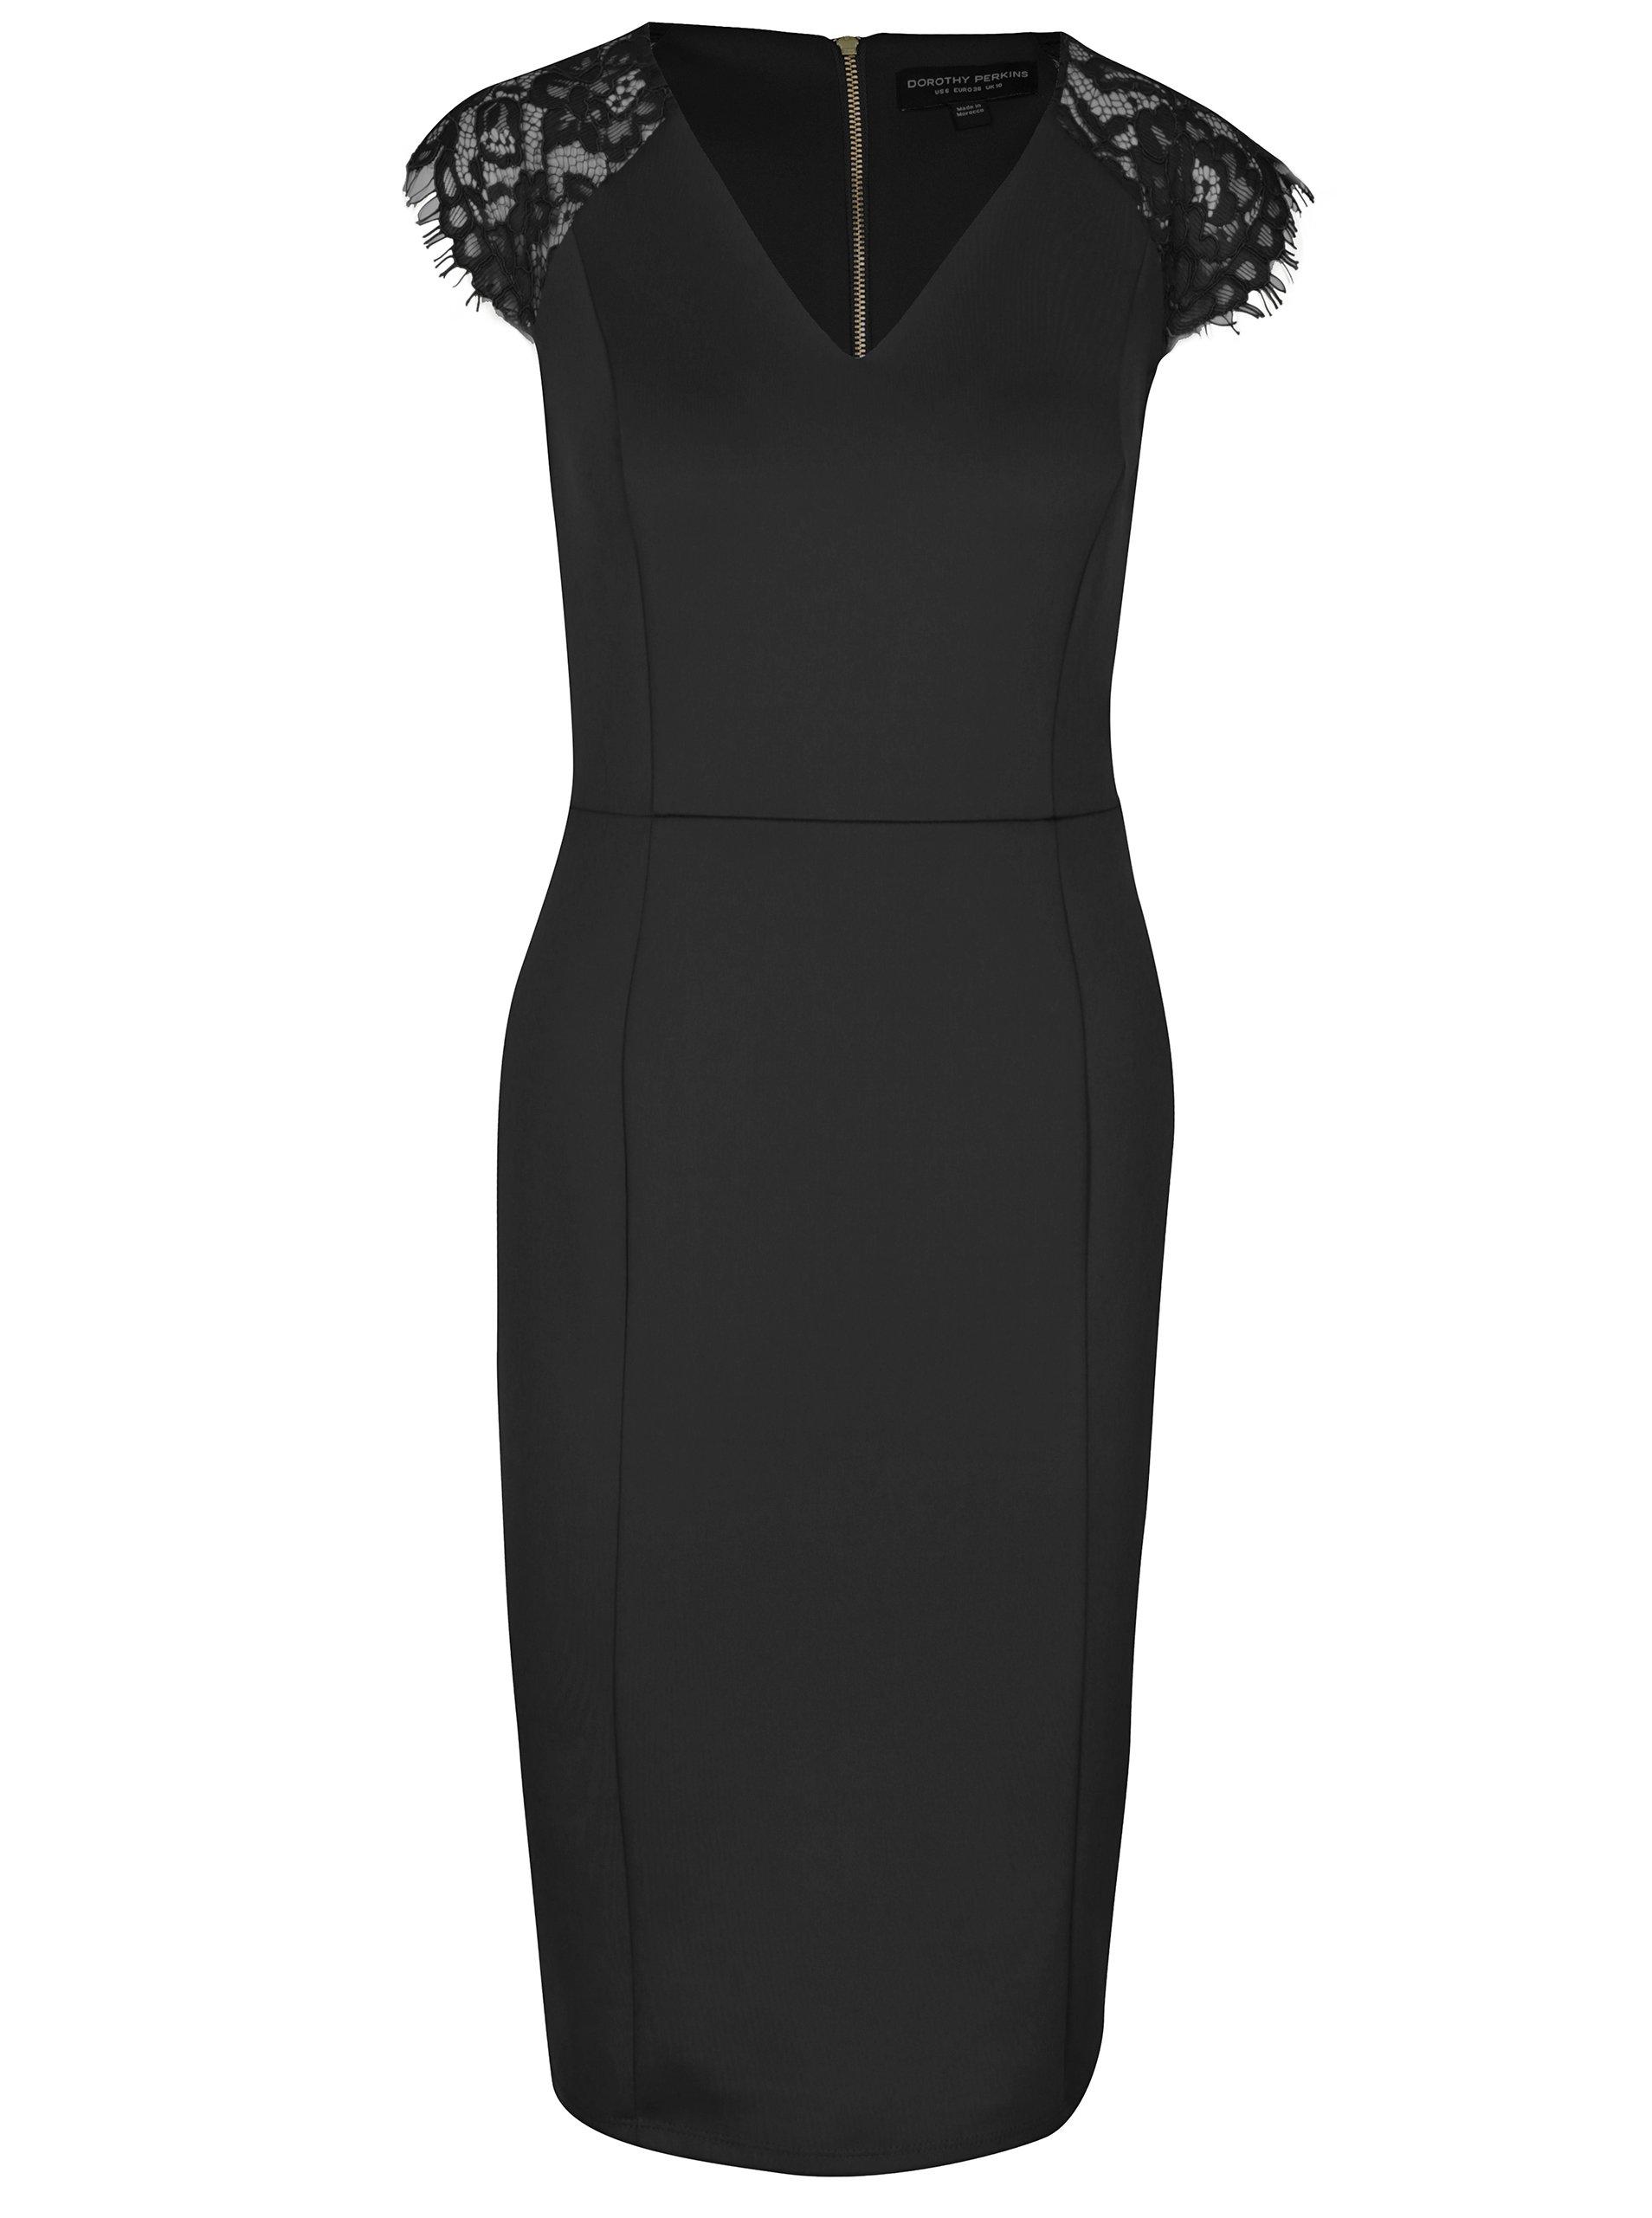 37931fb31e13 Čierne puzdrové šaty s čipkou Dorothy Perkins